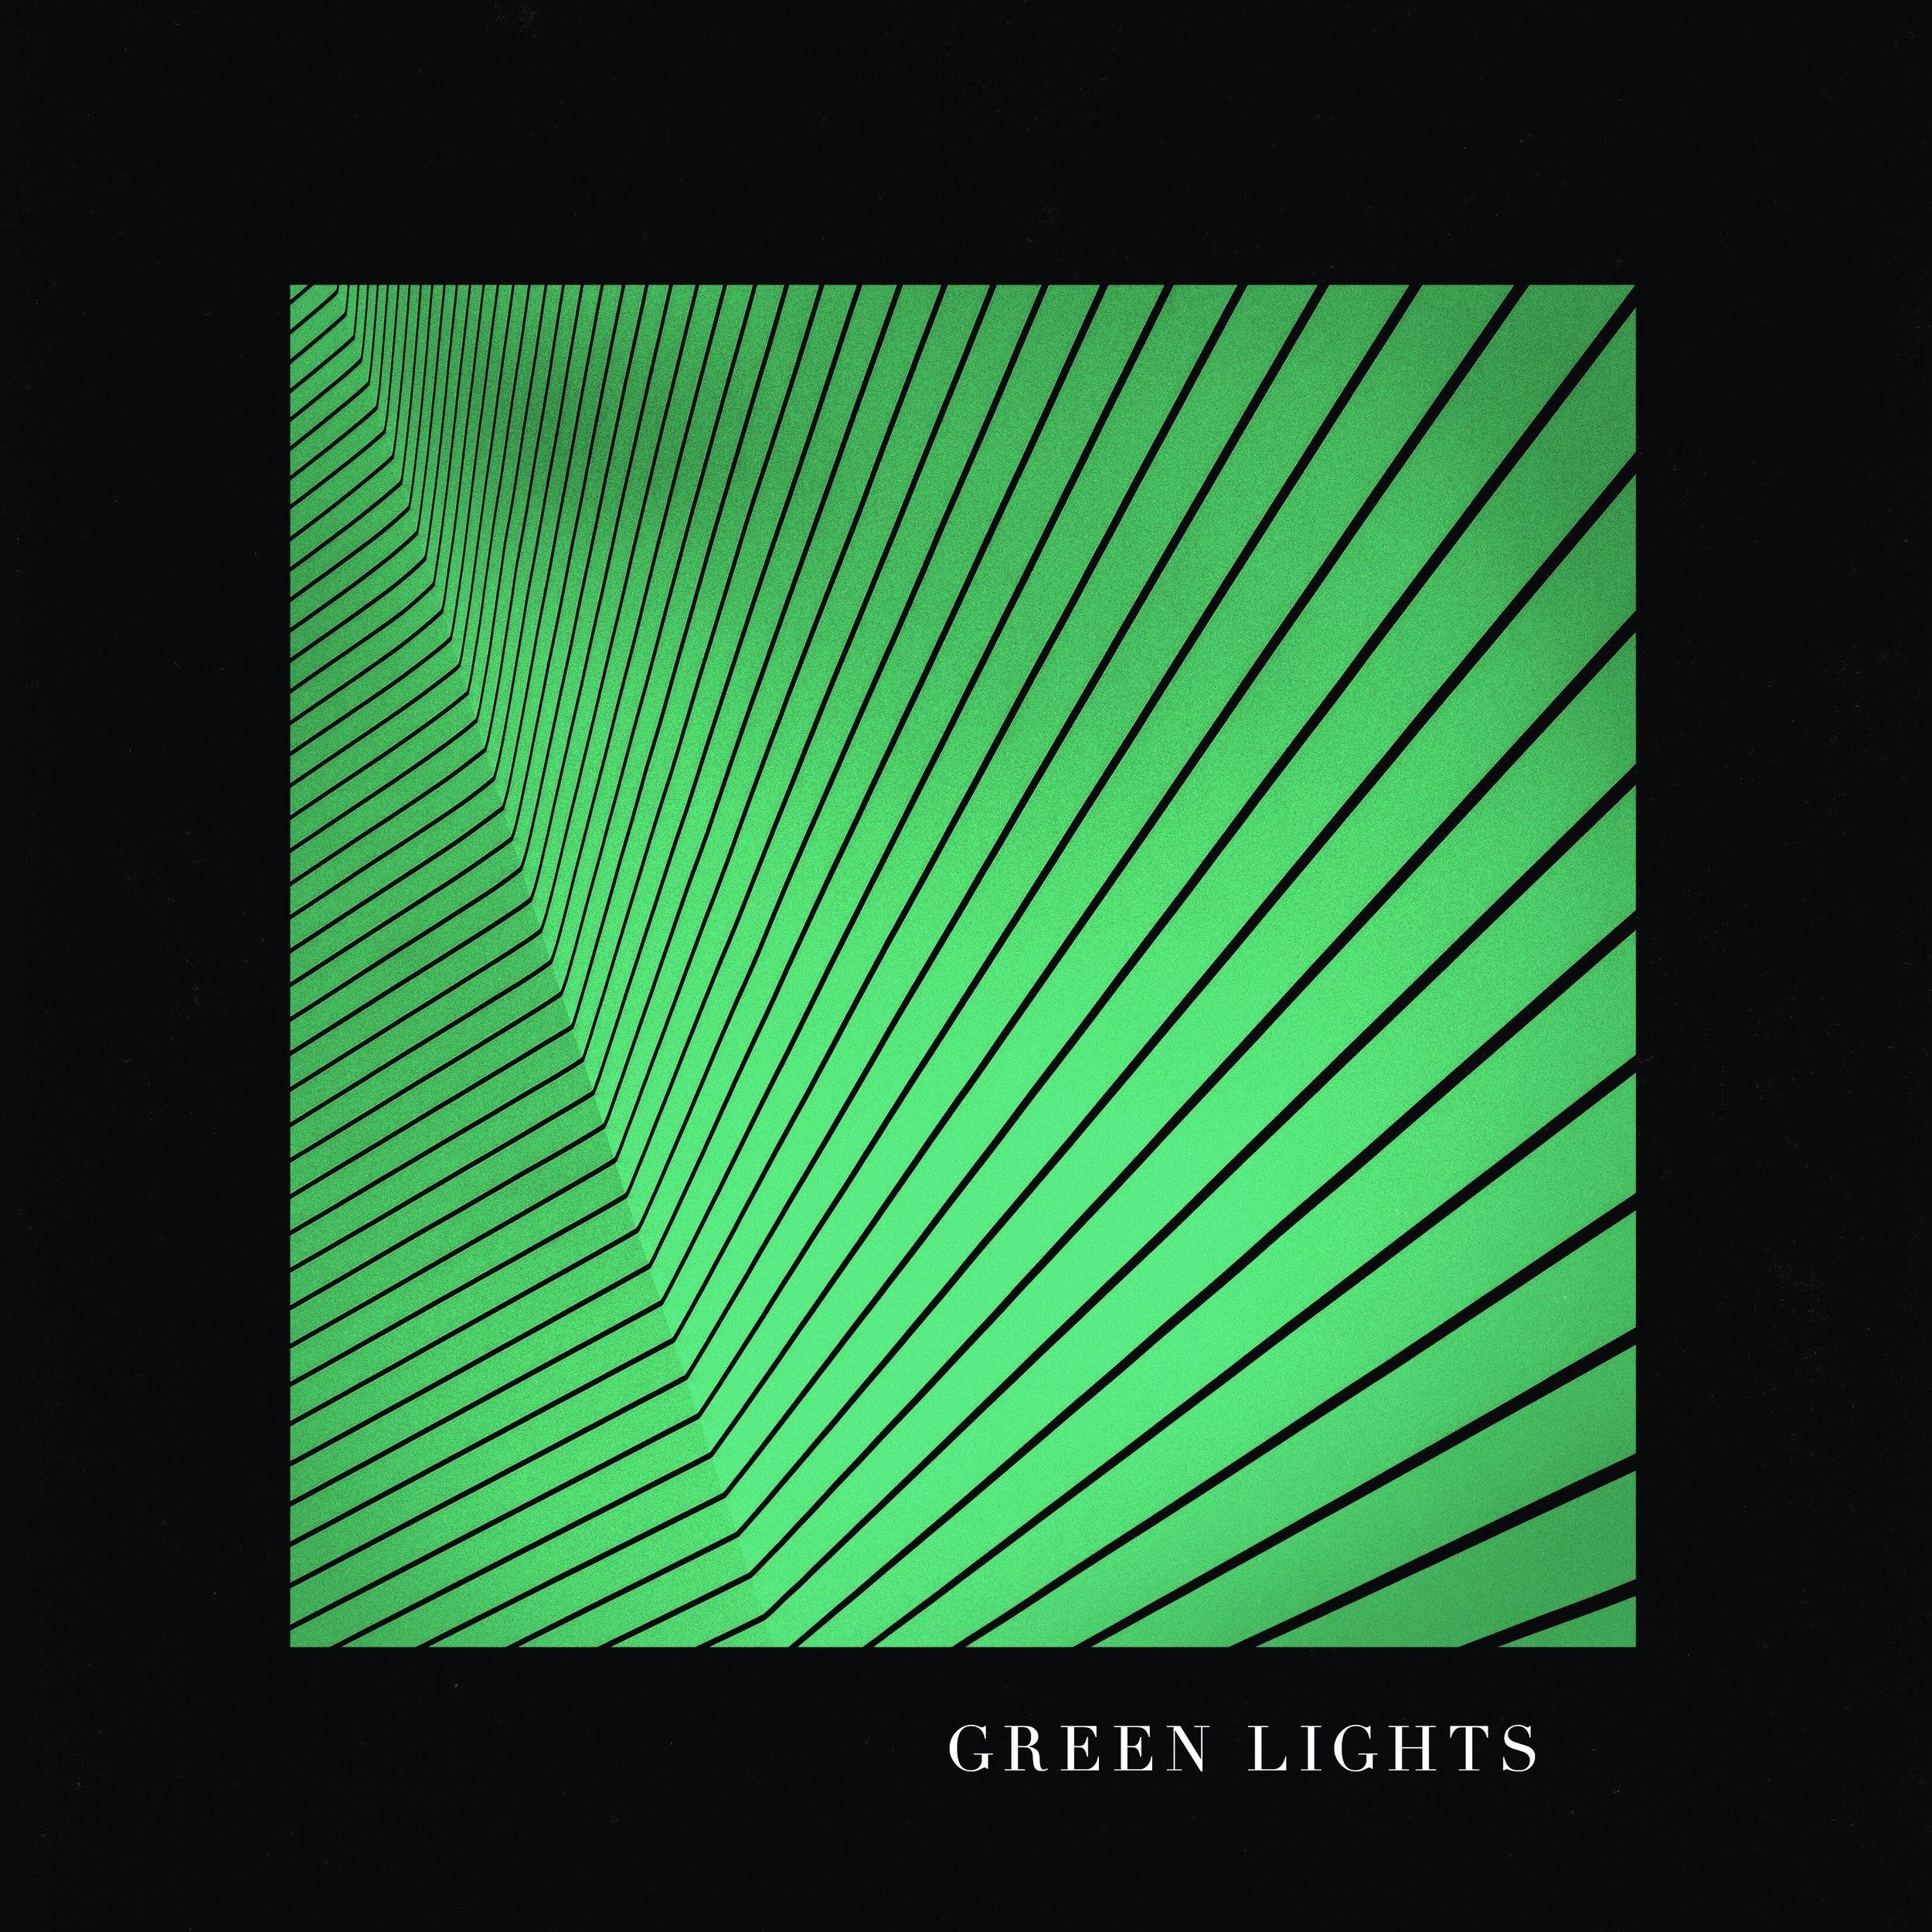 Green+Lights+EP+Album+Artwork.jpg